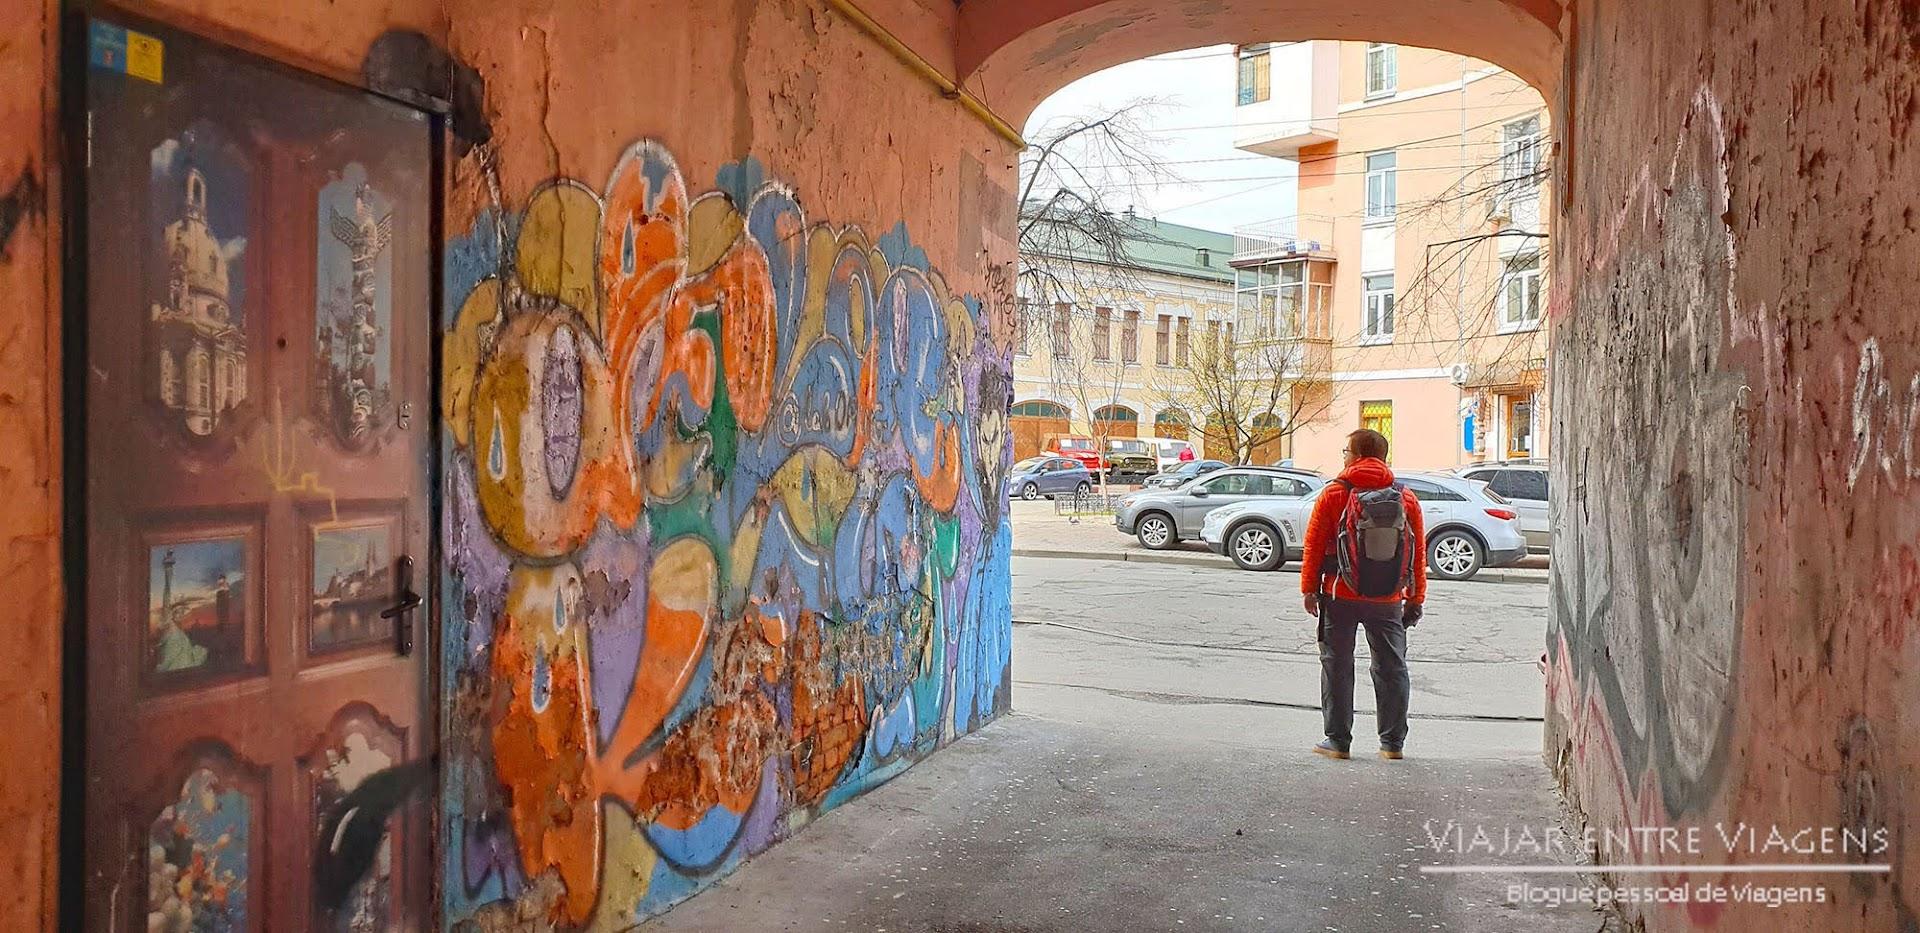 VIAJAR NA UCRÂNIA | Dicas e roteiro de lugares a visitar